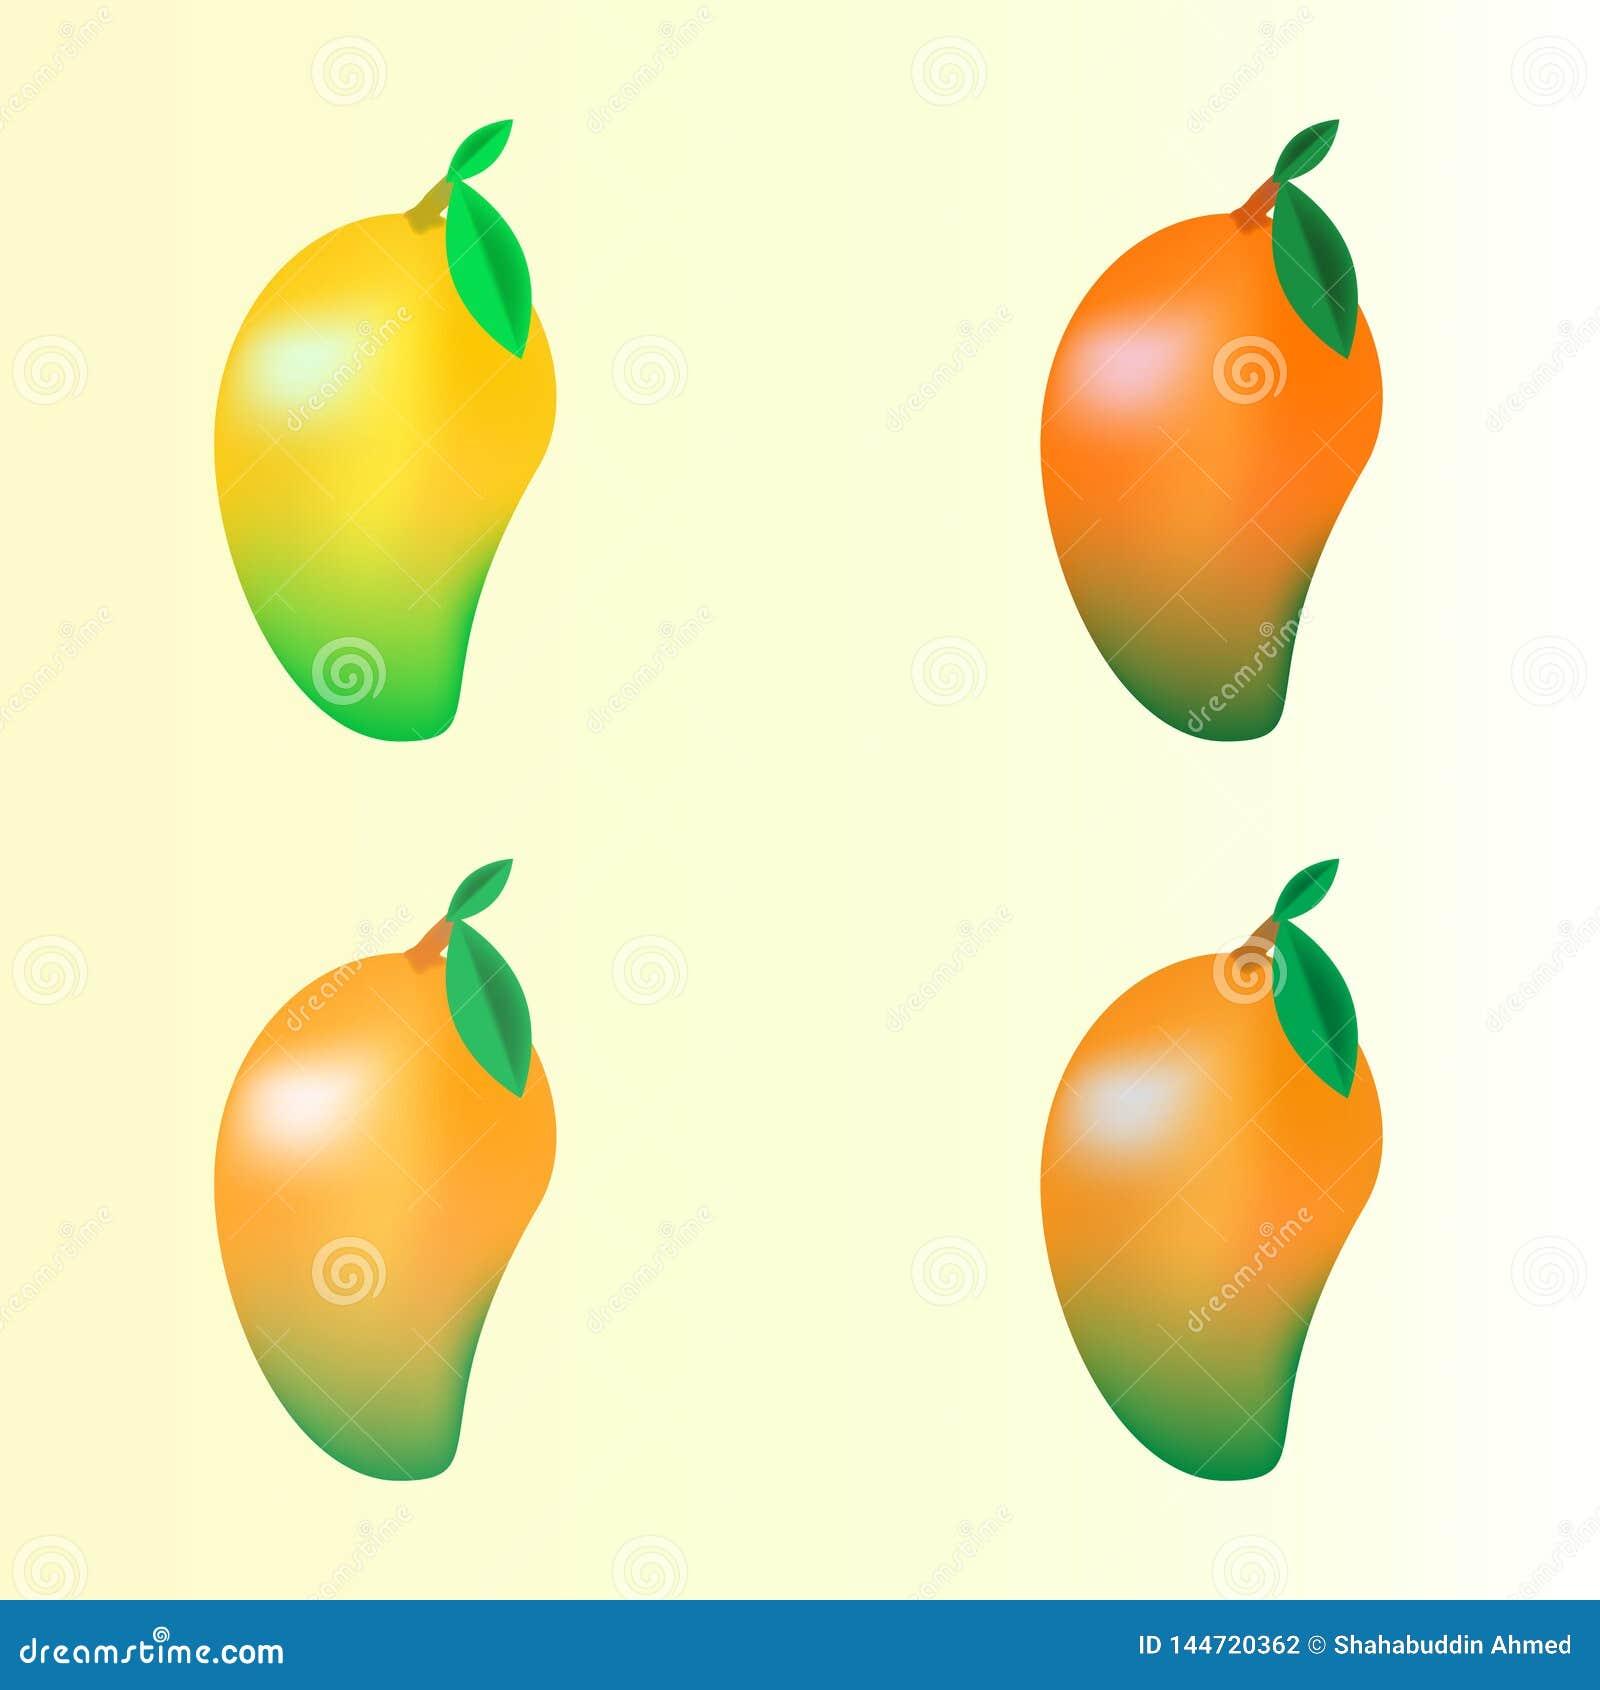 Дизайн логотипа плодов манго для вашей компании